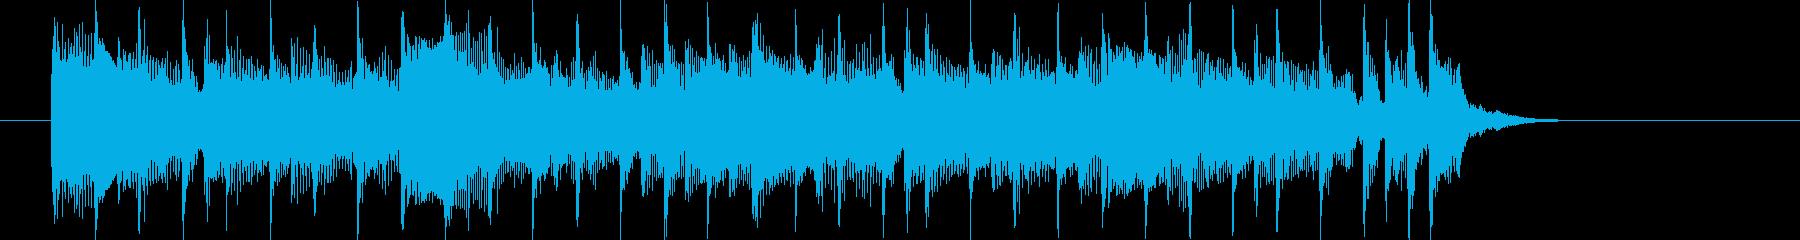 リズミカルで和やかなシンセジングルの再生済みの波形